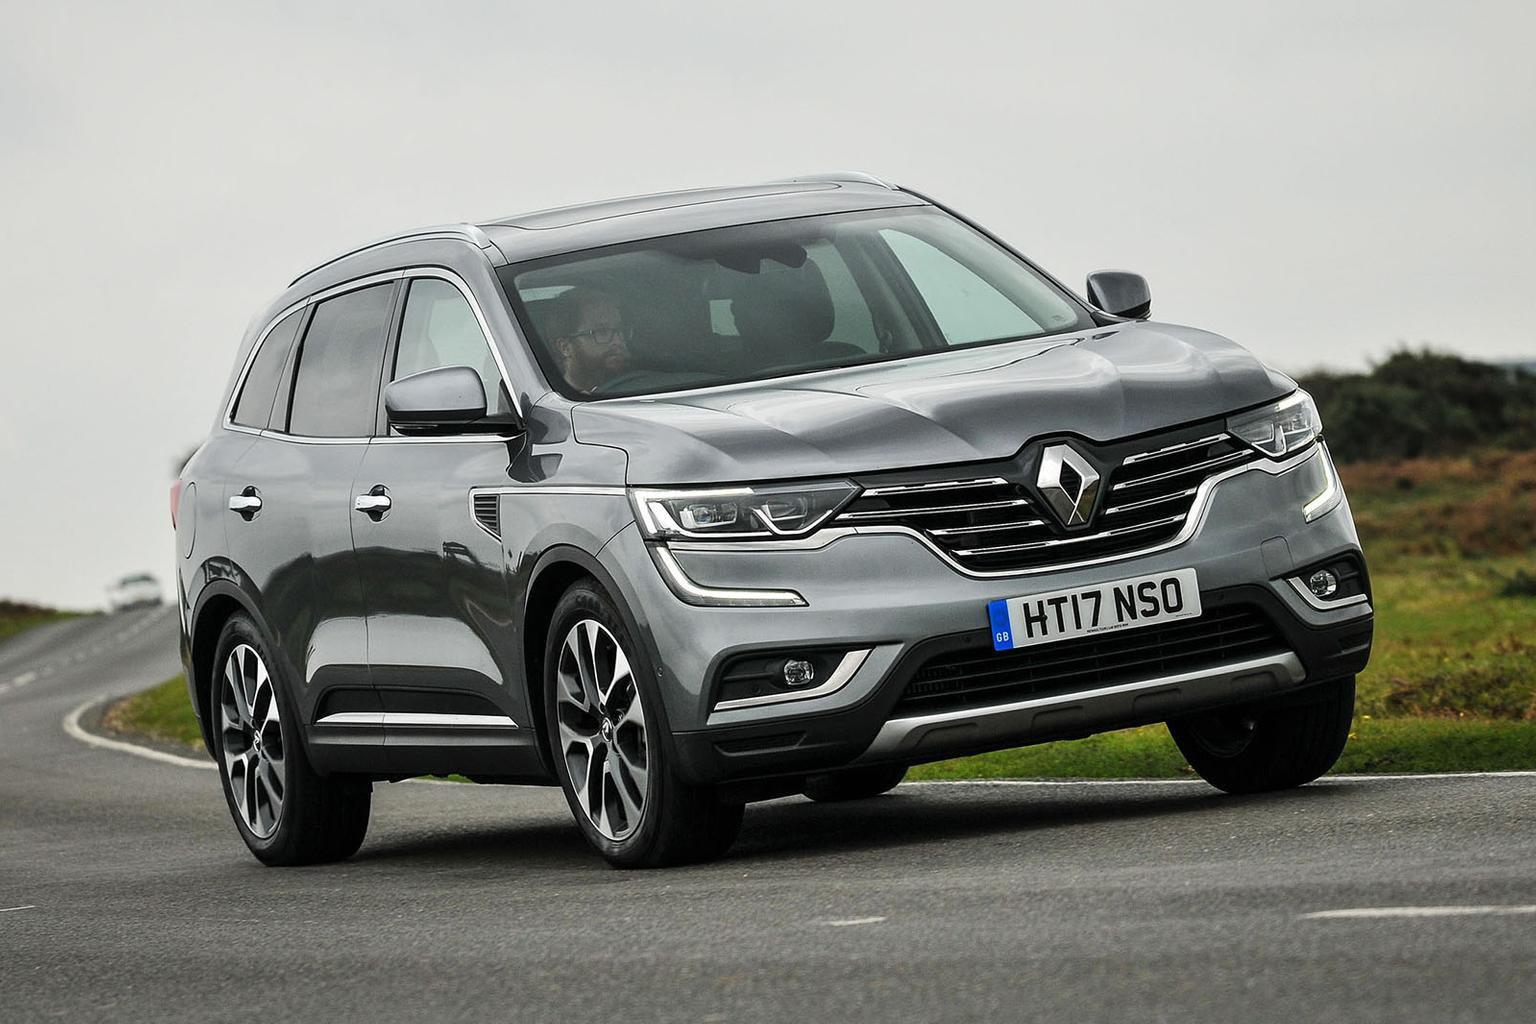 New Renault Koleos vs Mazda CX-5